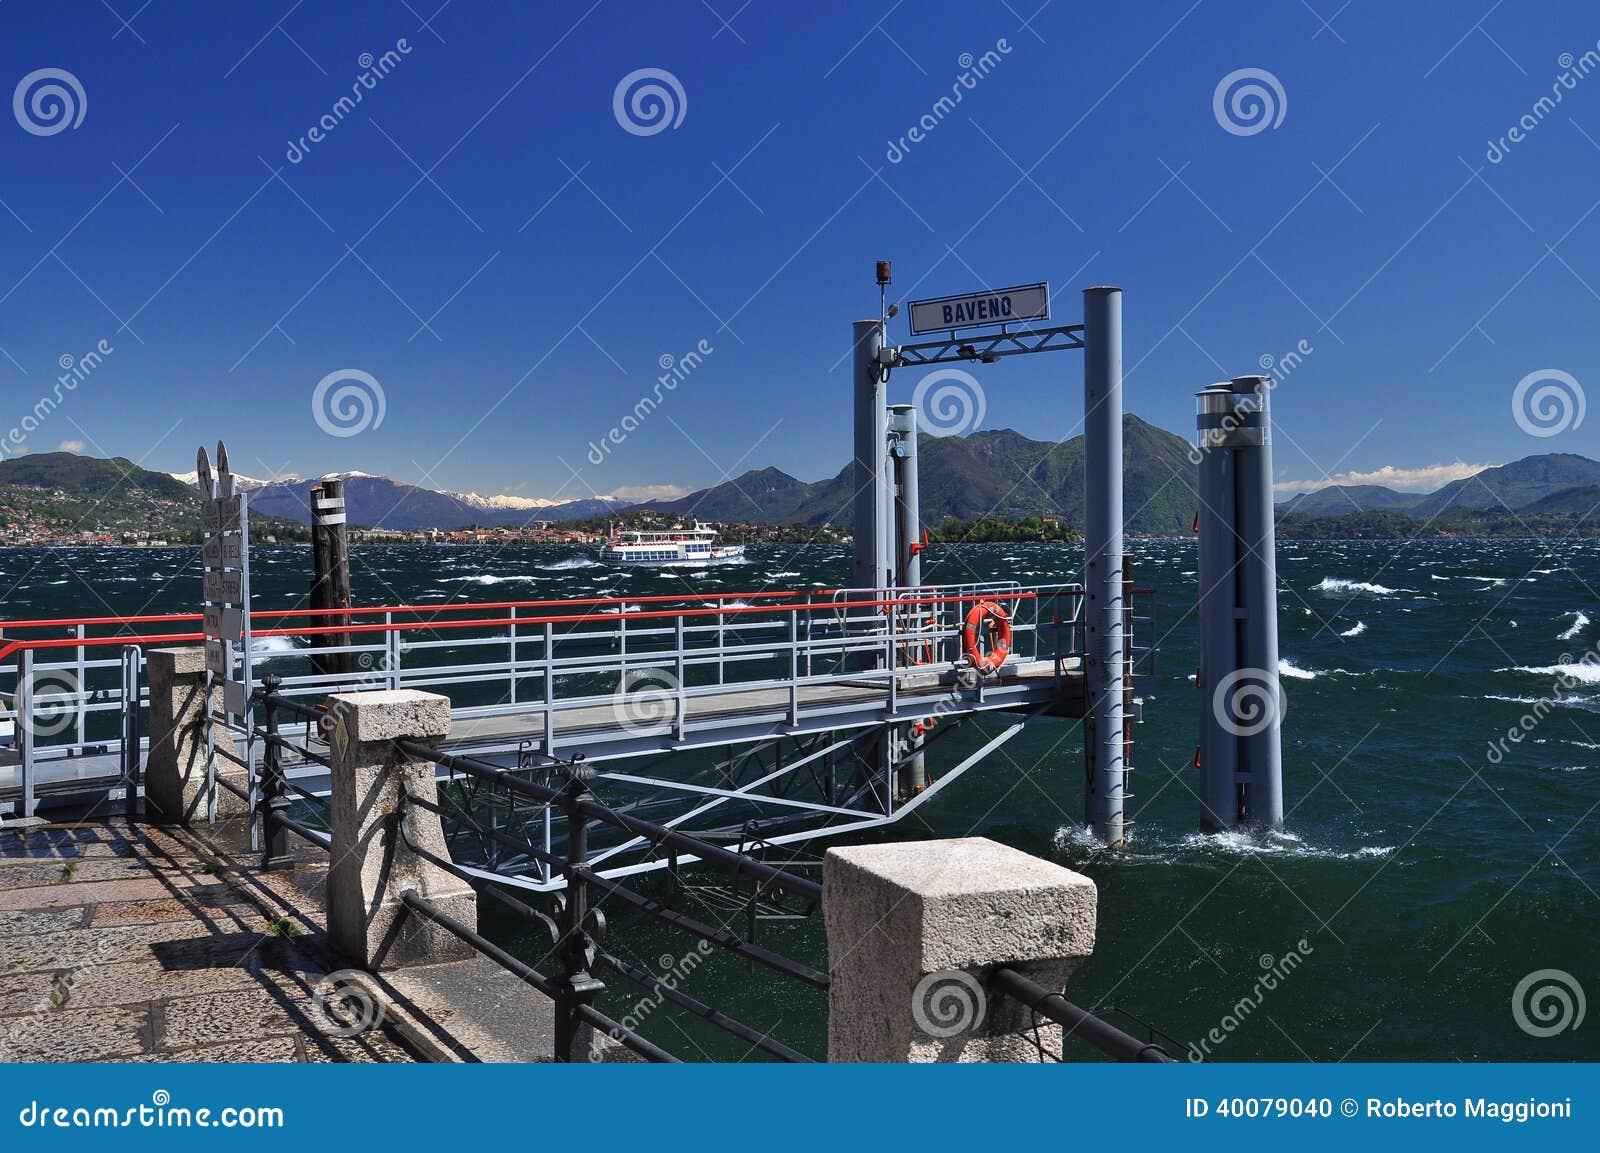 Baveno färjapir, sjö Maggiore. Blåsväder